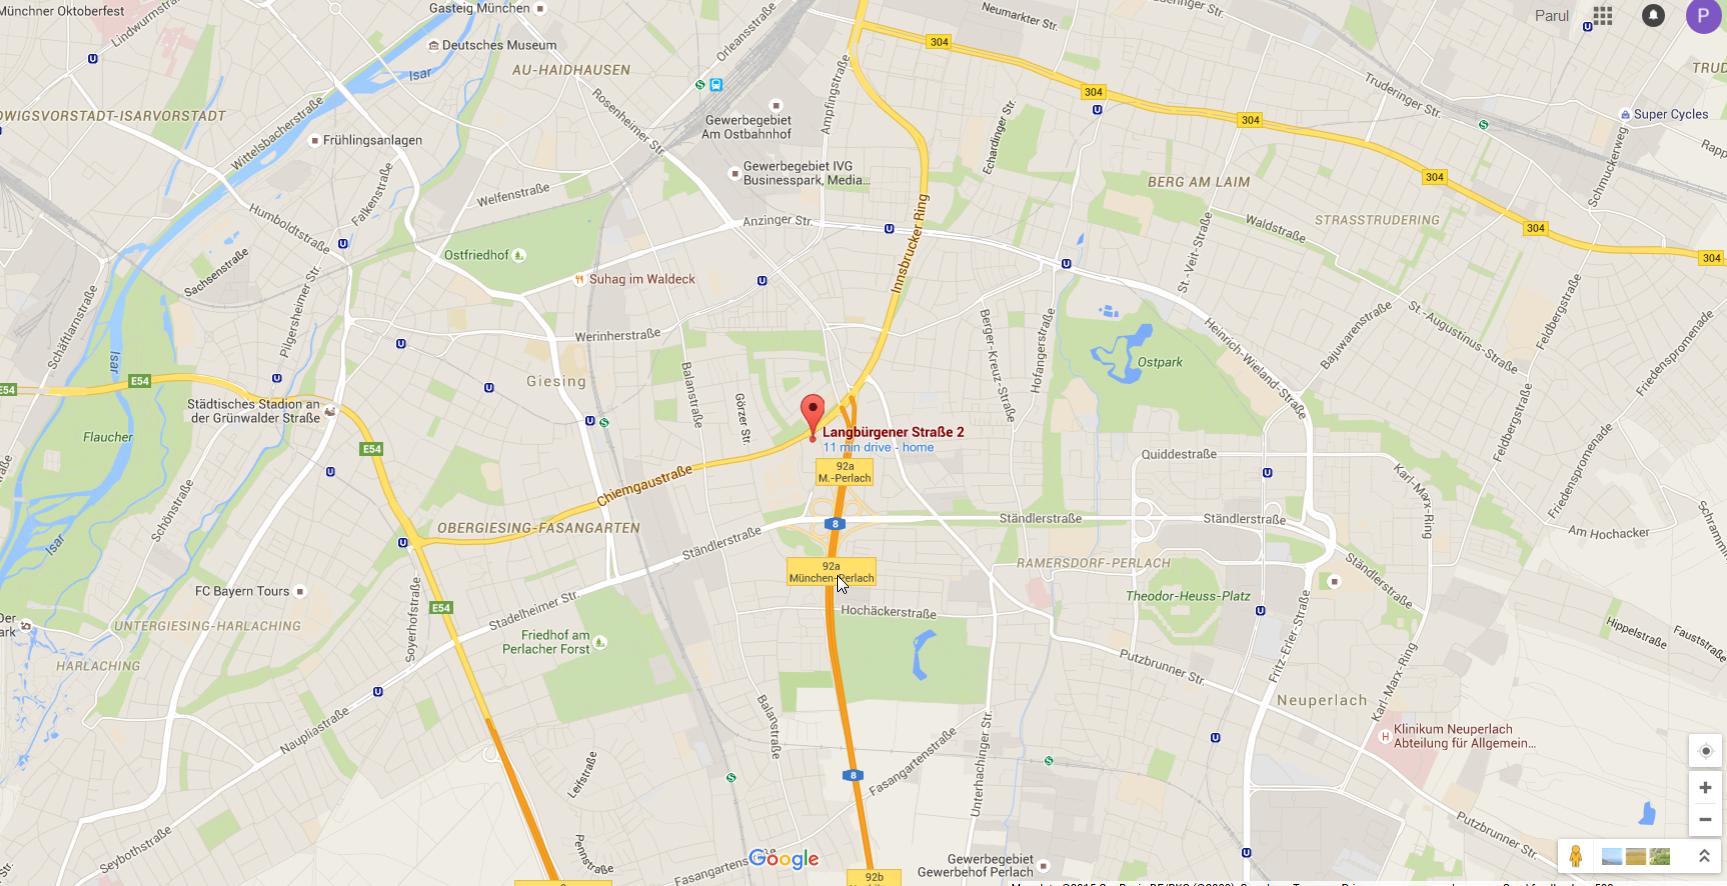 2015-10-14 14_30_47-Langbürgener Str. 2 - Google Maps